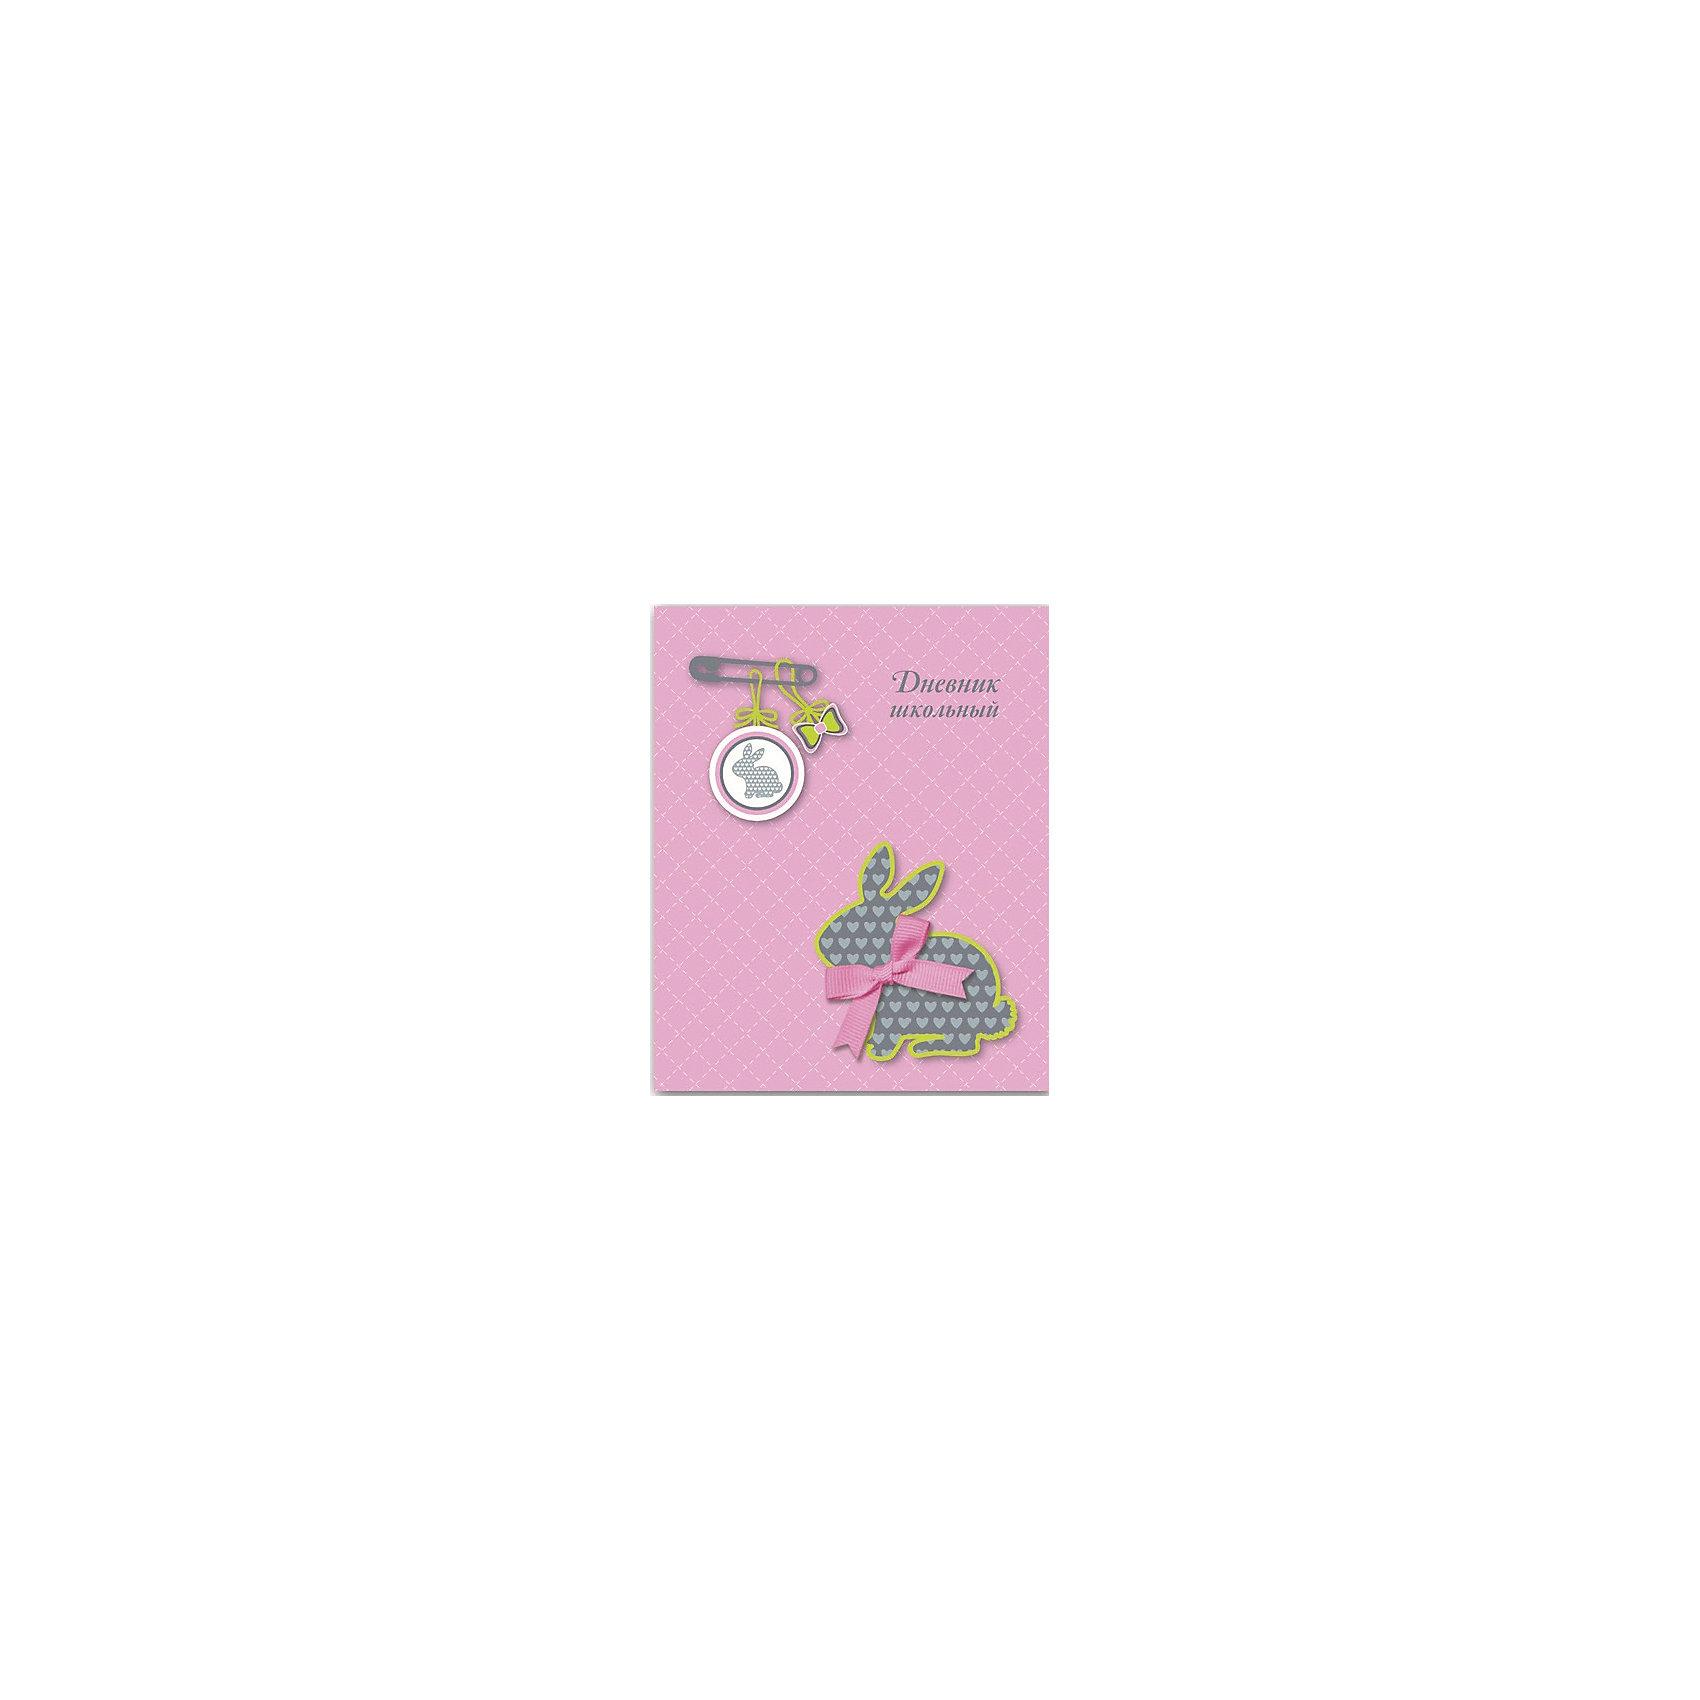 Дневник Кролик с бантомБумажная продукция<br>Одна из важнейших школьных принадлежностей - дневник. Он нужен каждому школьнику. Занятия ребенка в школе всегда требуют приобретения атрибутов для учебы. Так пусть они будут стильными и качественными! Ведь учиться с ними - намного приятней.<br>Школьный дневник Кролик с бантом - стандартного формата А5. Обложка - из плотной бумаги с изображением кролика. Листы надежно скреплены. Изделие произведено из качественных и безопасных для ребенка материалов.<br><br>Дополнительная информация:<br><br>цвет: разноцветный;<br>формат: А5;<br>материал: бумага.<br><br>Дневник Кролик с бантом можно купить в нашем магазине.<br><br>Ширина мм: 220<br>Глубина мм: 170<br>Высота мм: 10<br>Вес г: 250<br>Возраст от месяцев: 72<br>Возраст до месяцев: 192<br>Пол: Женский<br>Возраст: Детский<br>SKU: 4746254